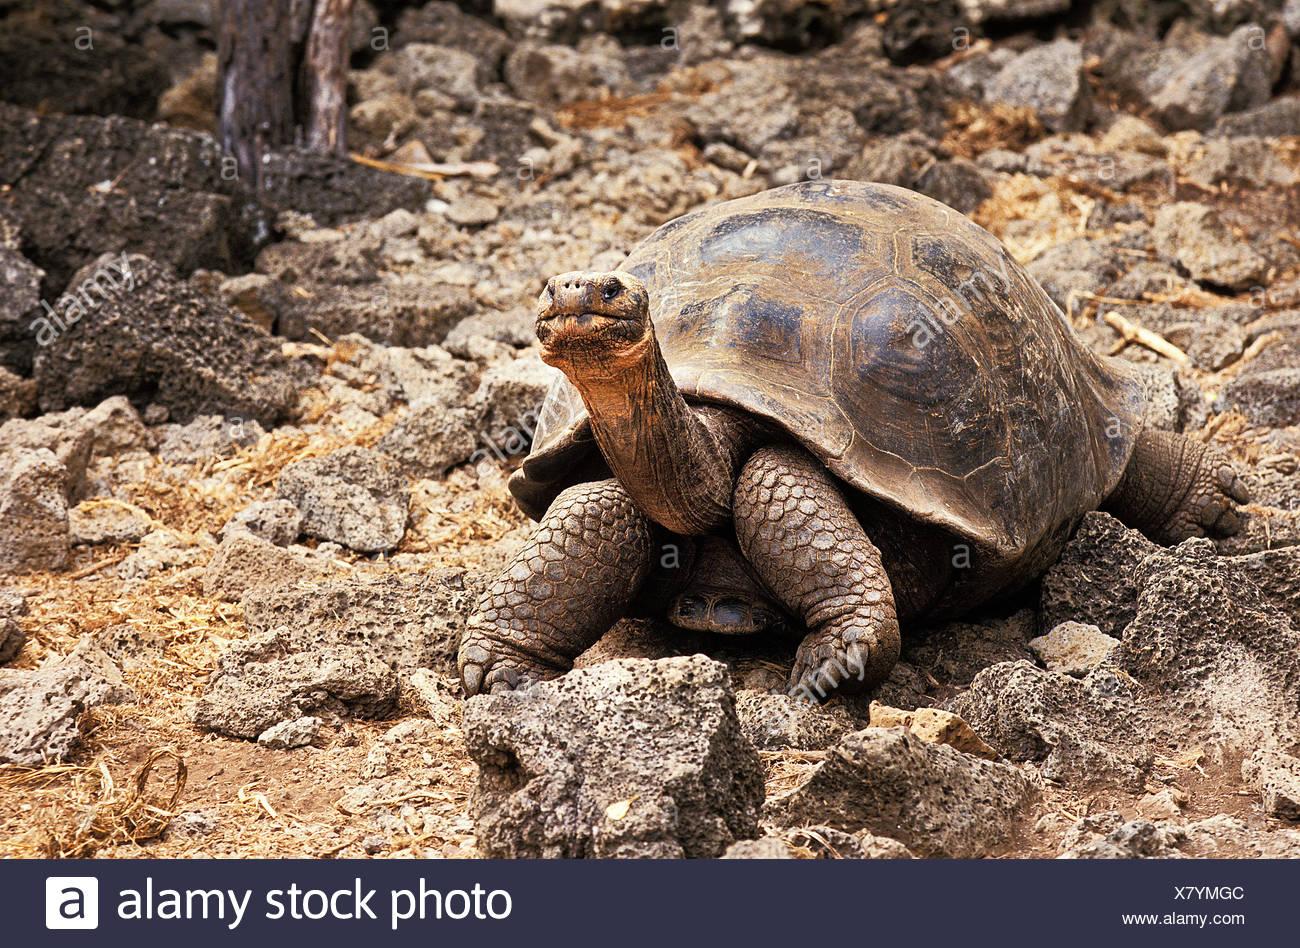 Giant Galapagos Tortoise, geochelone nigra, Adult on Rocks, Galapagos Islands - Stock Image